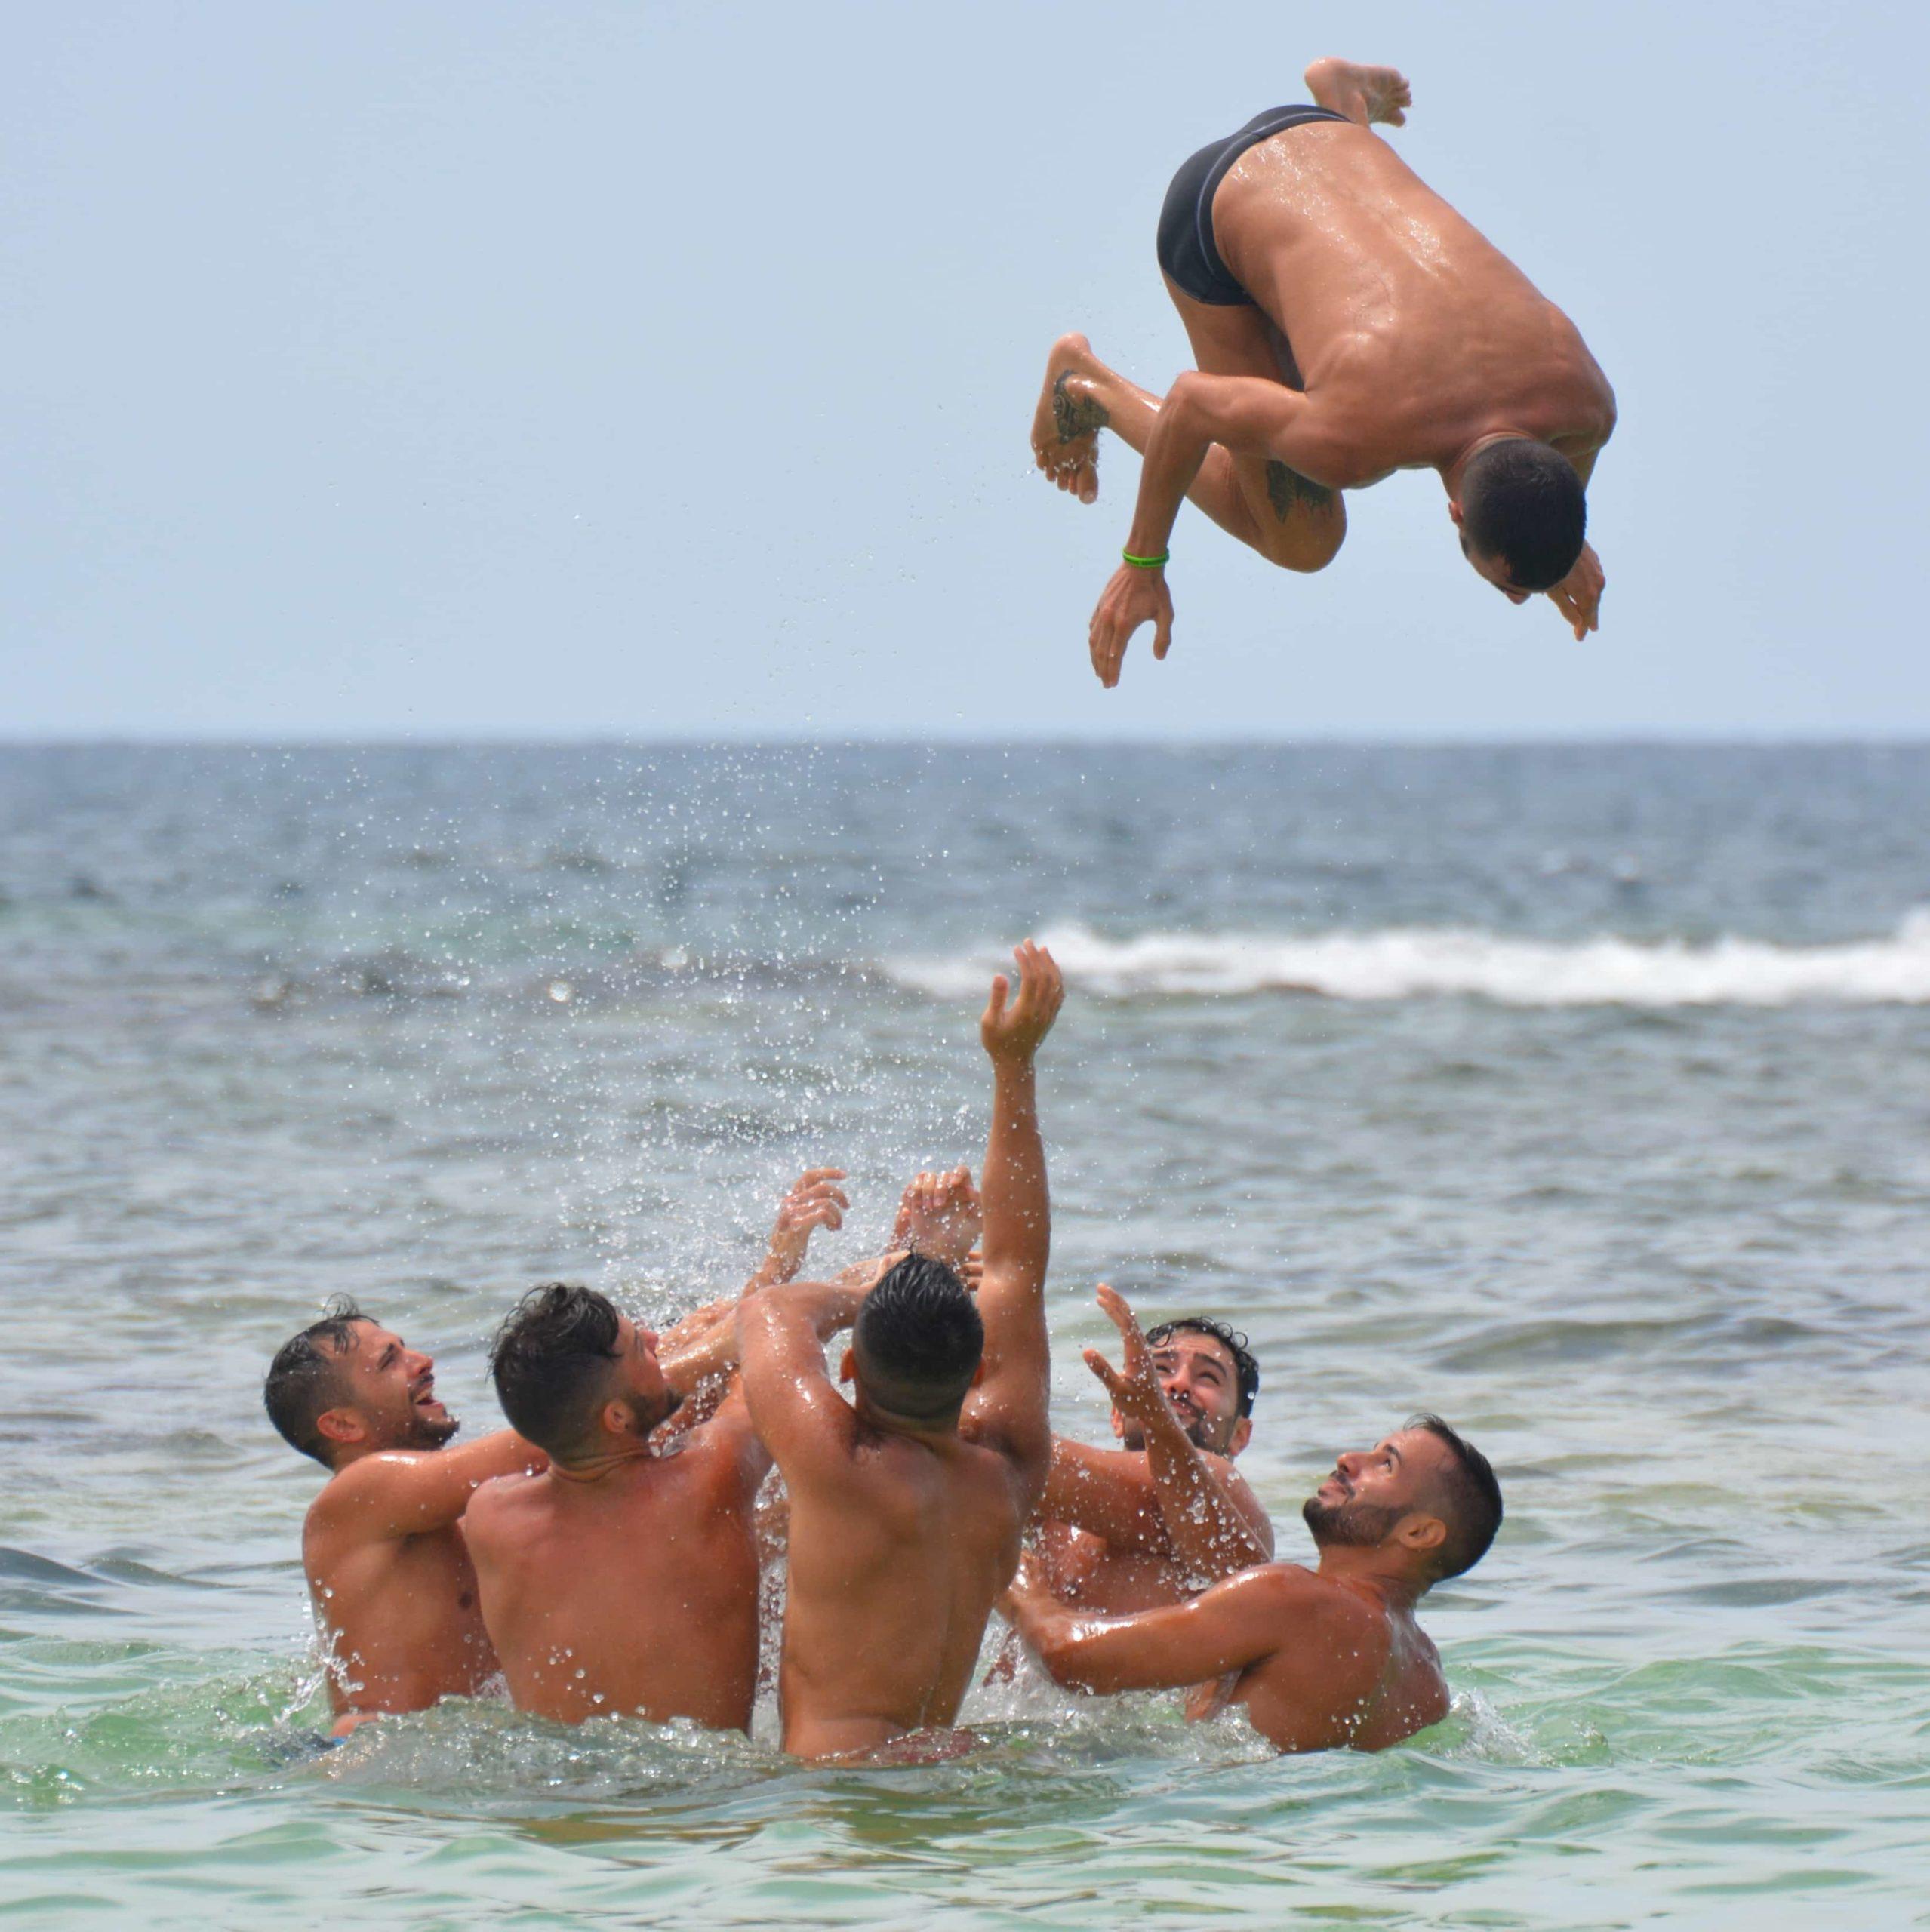 海で友達を投げ上げる男性たち